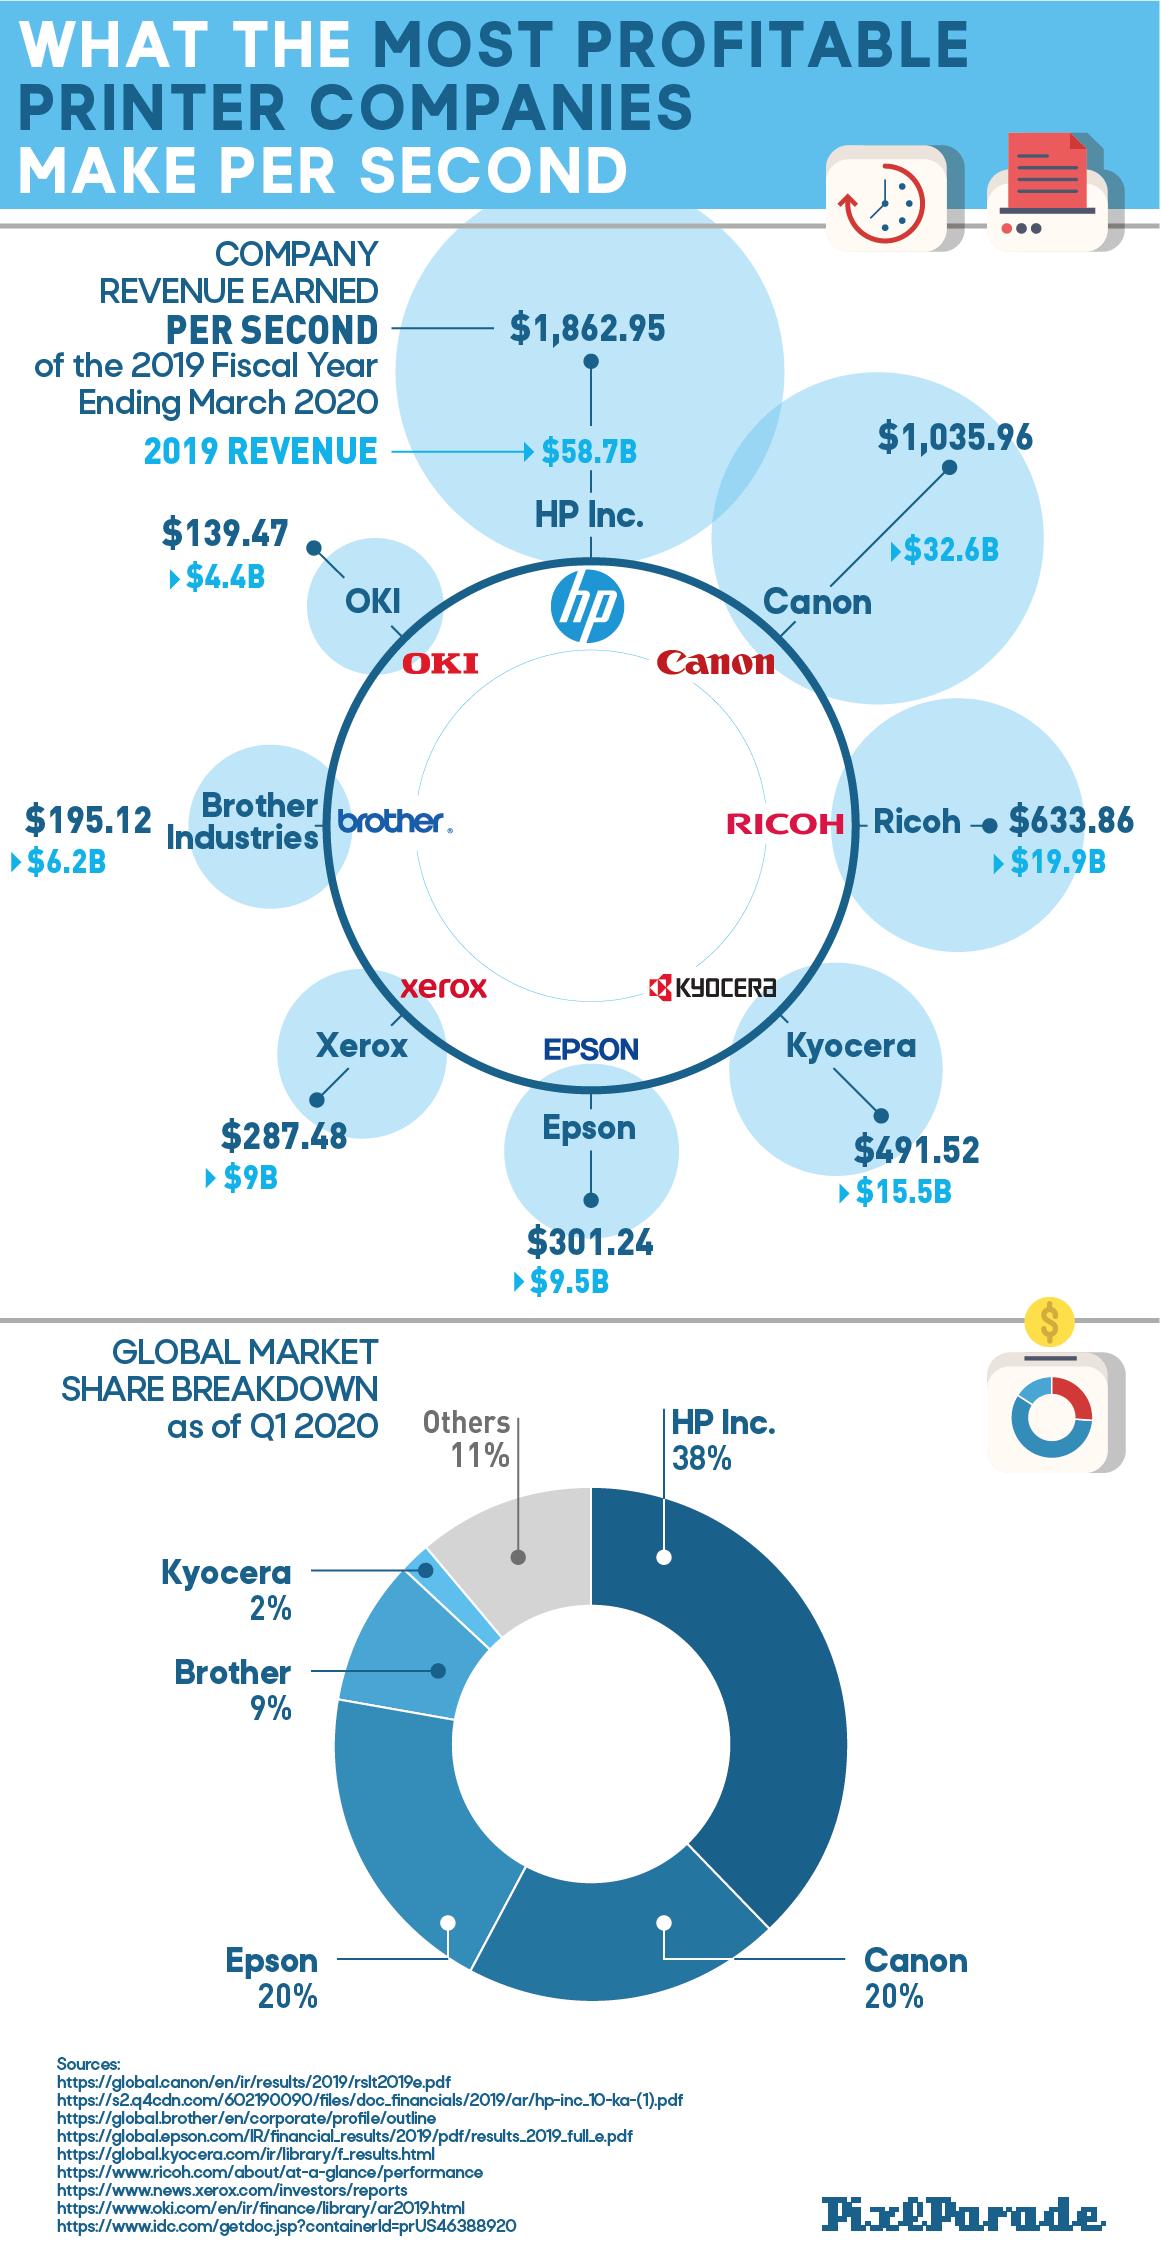 What the Most Profitable Printer Companies Make Per Second - PixlParade.com